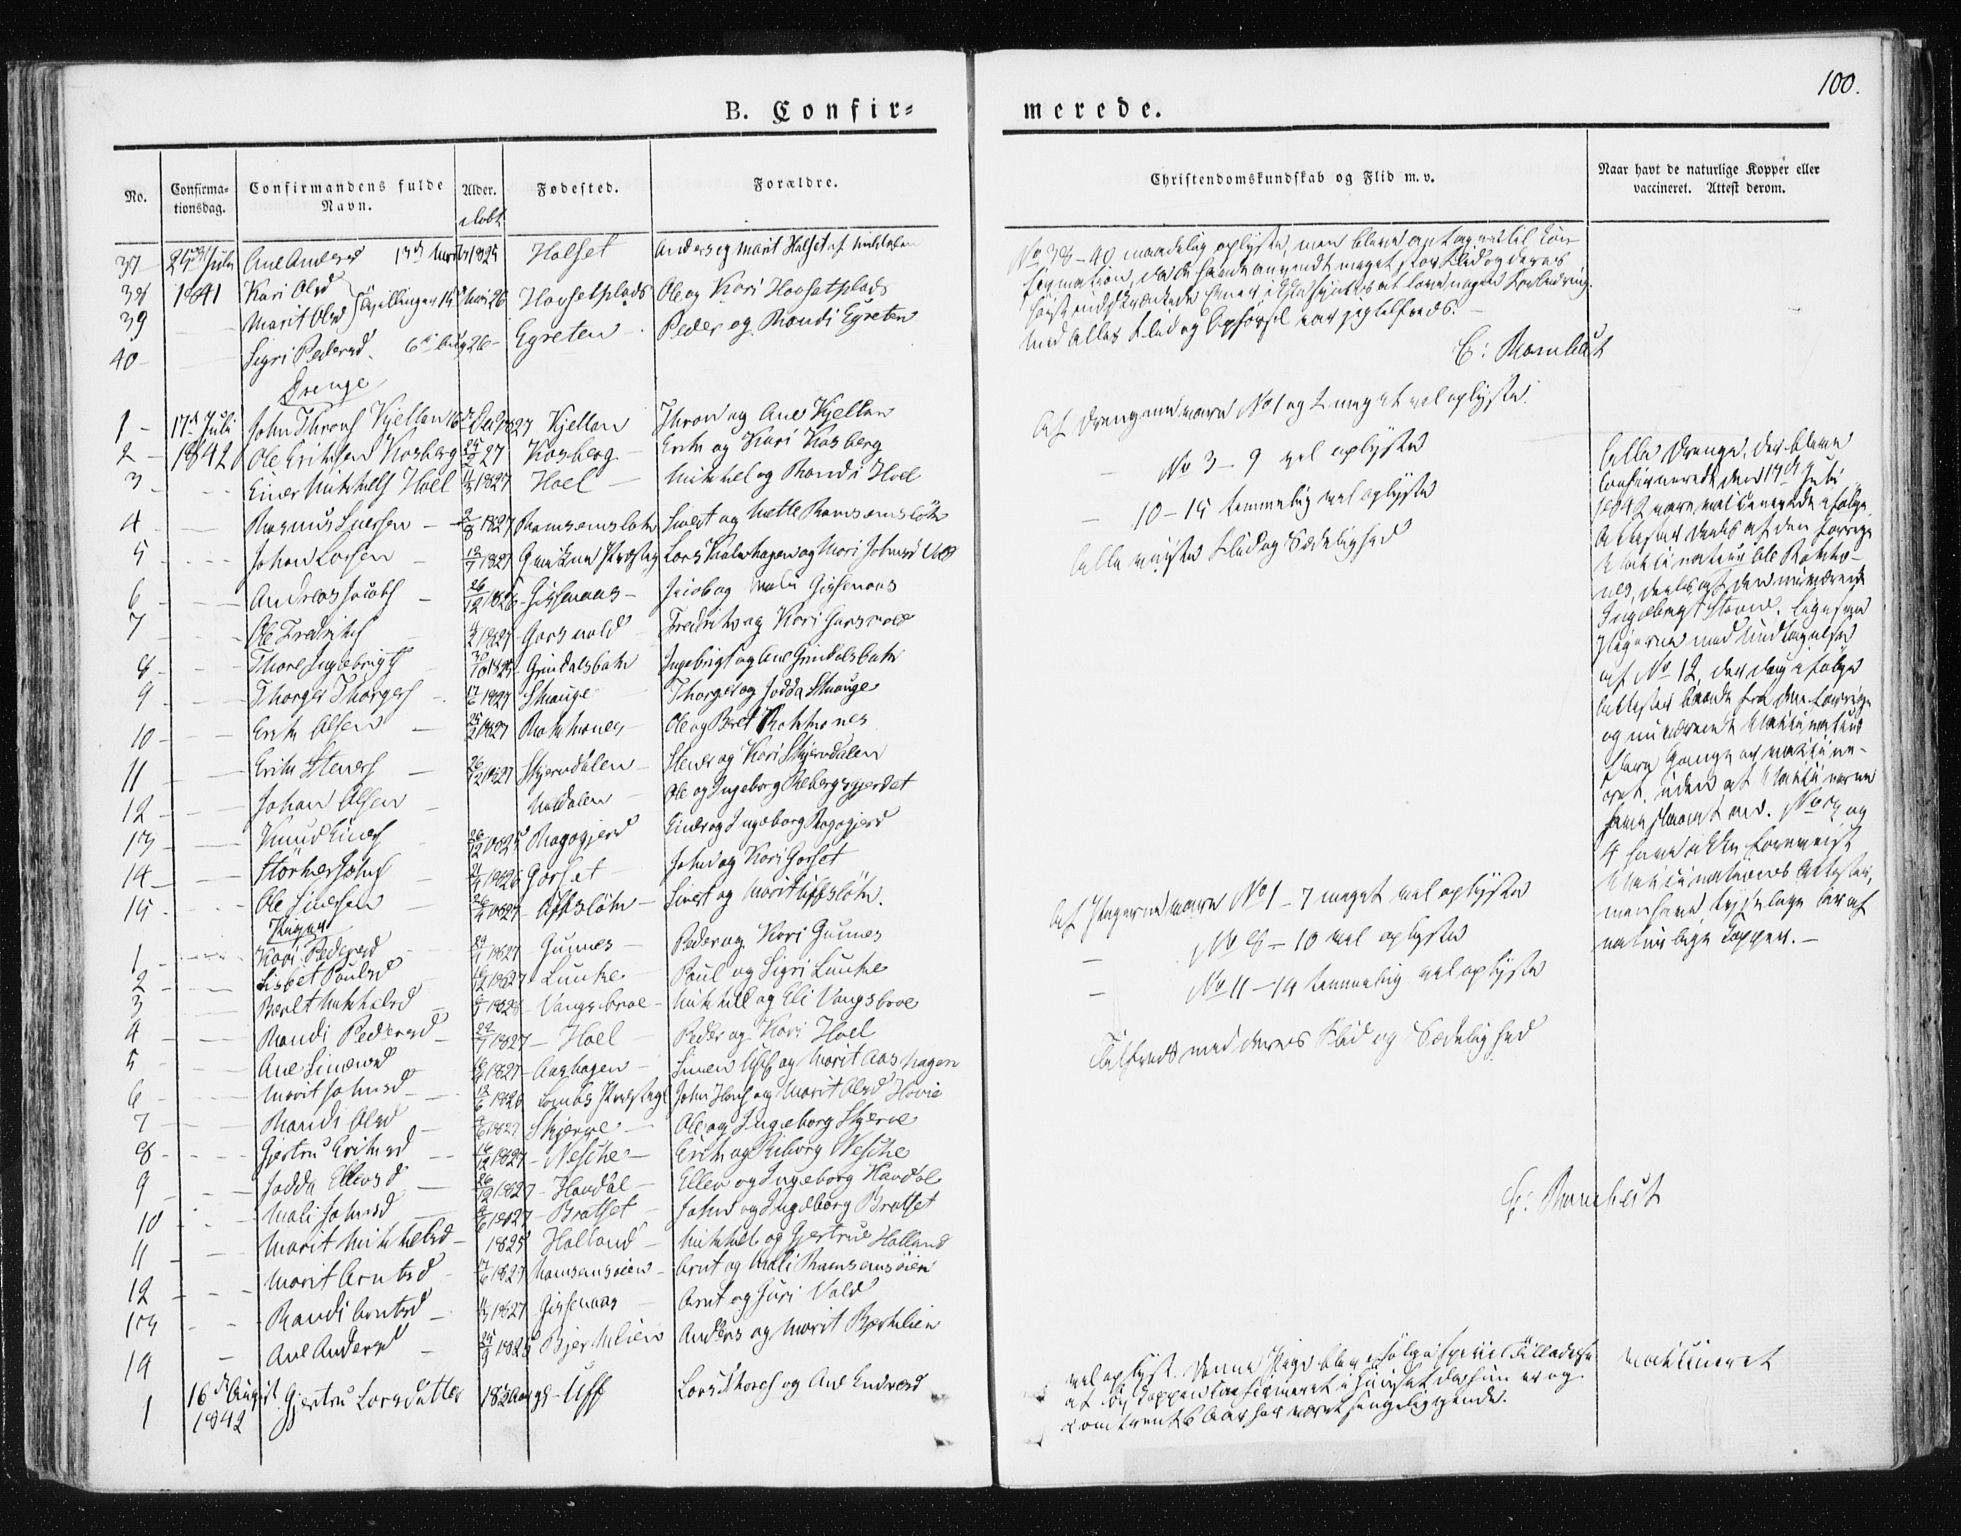 SAT, Ministerialprotokoller, klokkerbøker og fødselsregistre - Sør-Trøndelag, 674/L0869: Ministerialbok nr. 674A01, 1829-1860, s. 100